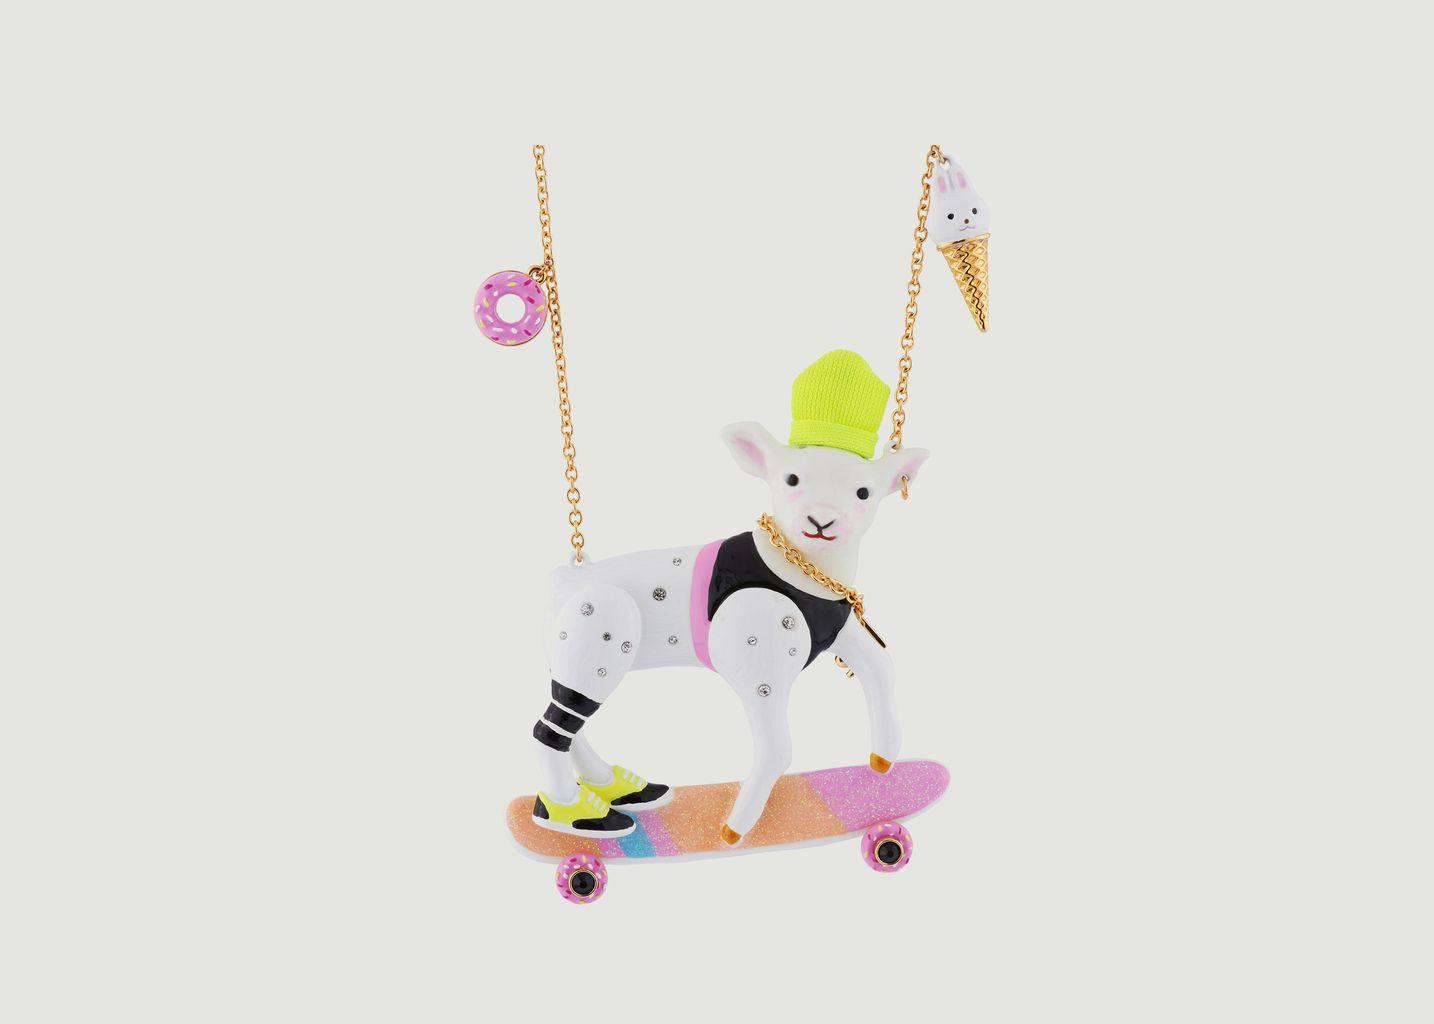 Collier Zoé L'Agnelle Coréenne Sur Son Skateboard  - N2